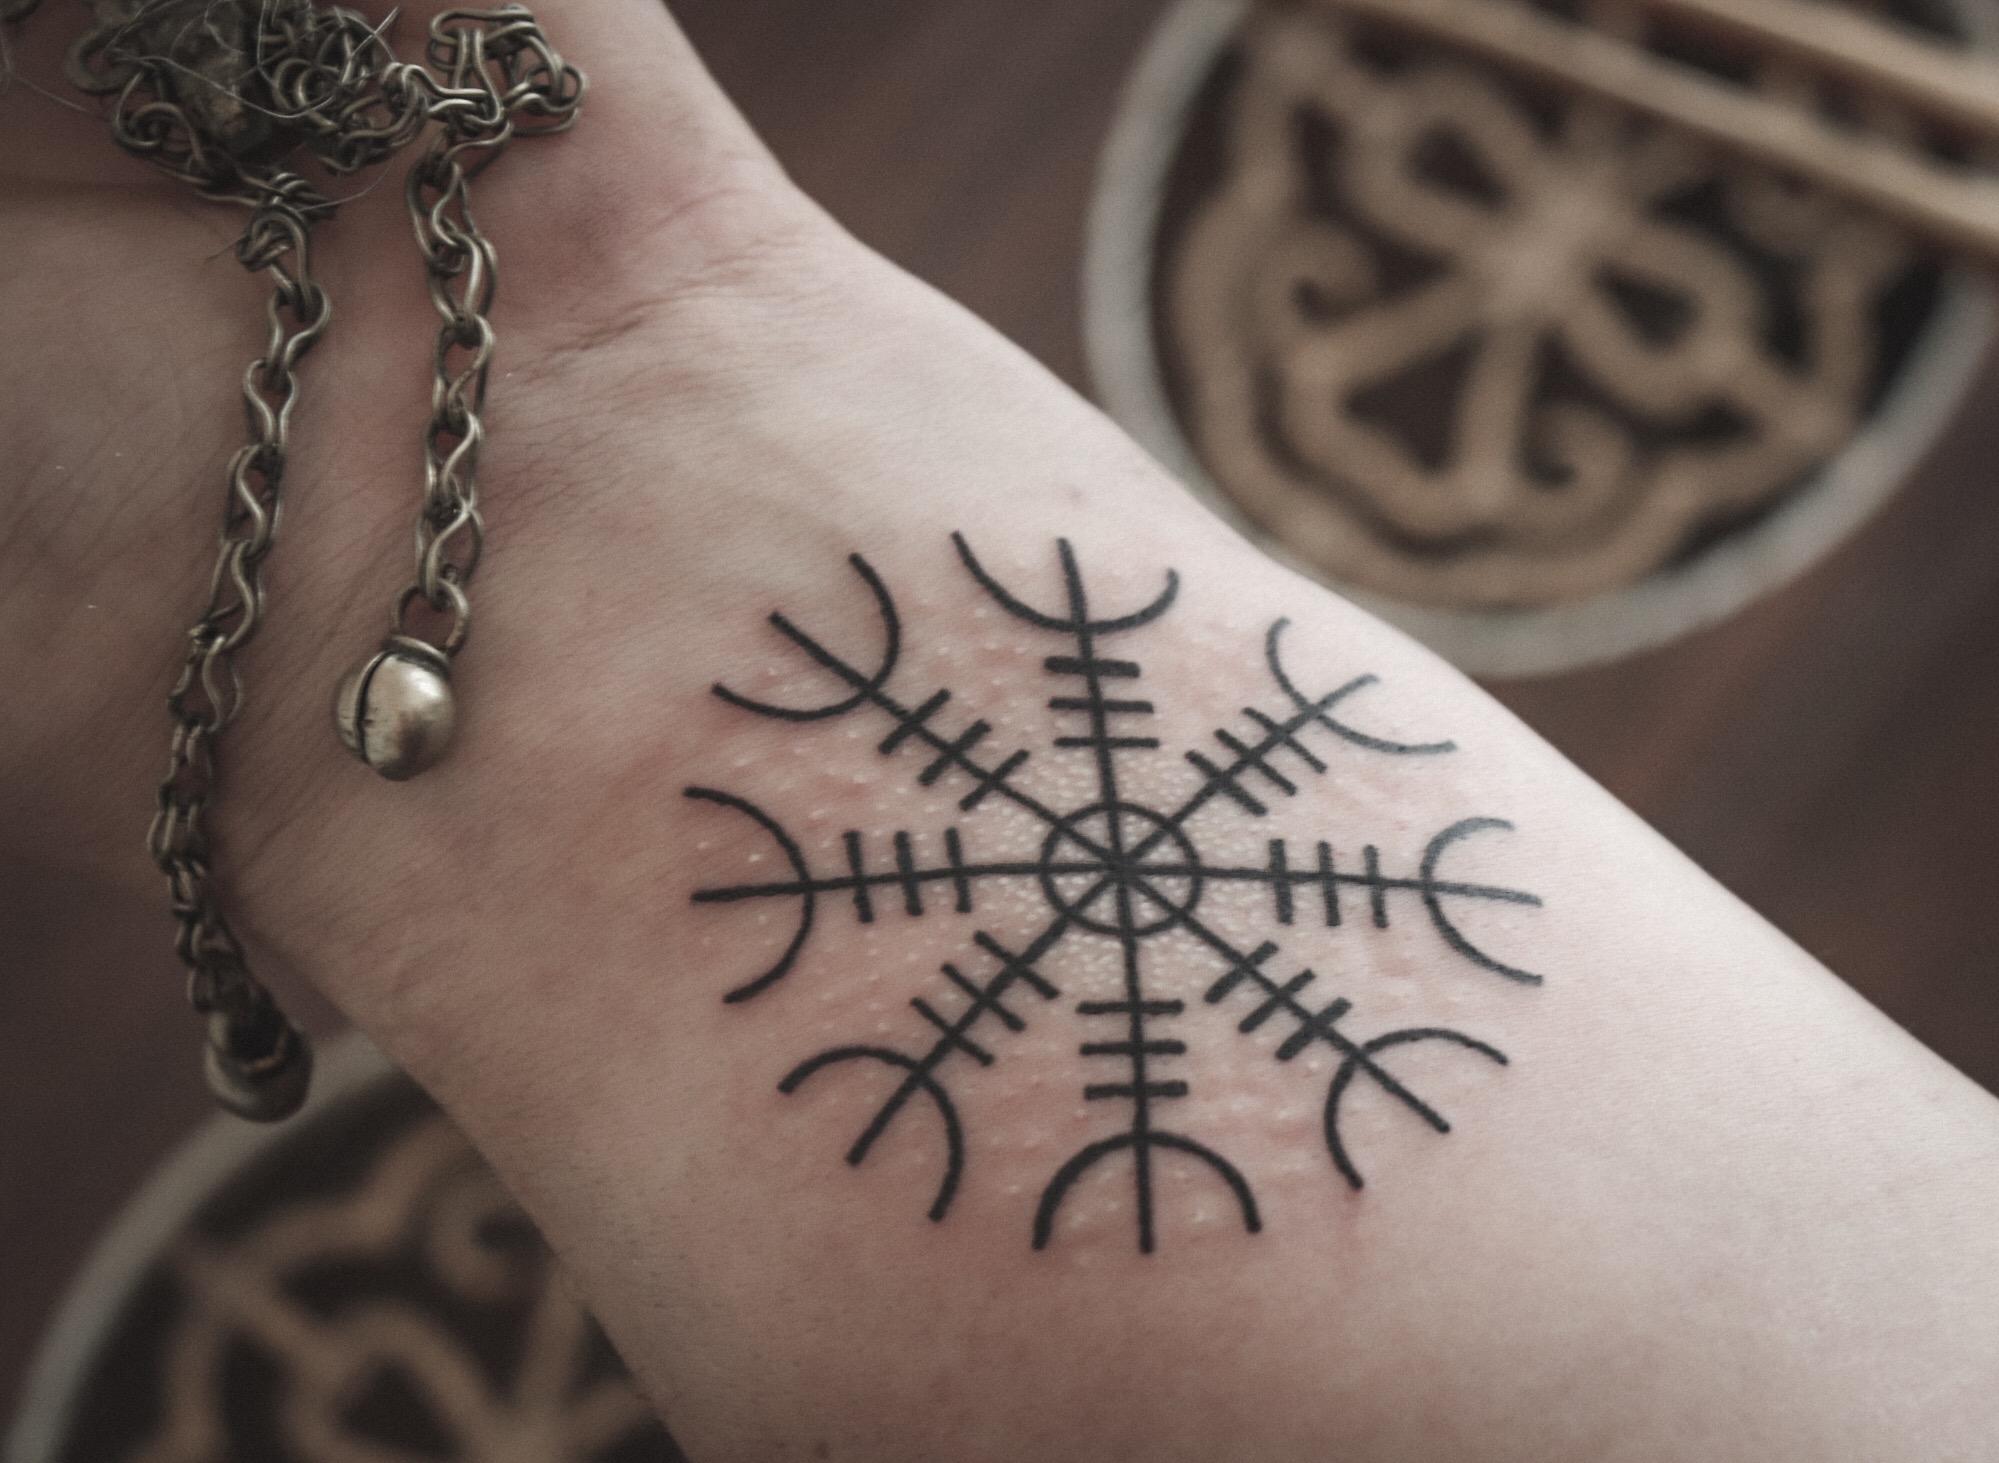 Tattoo: Bianca Stücker